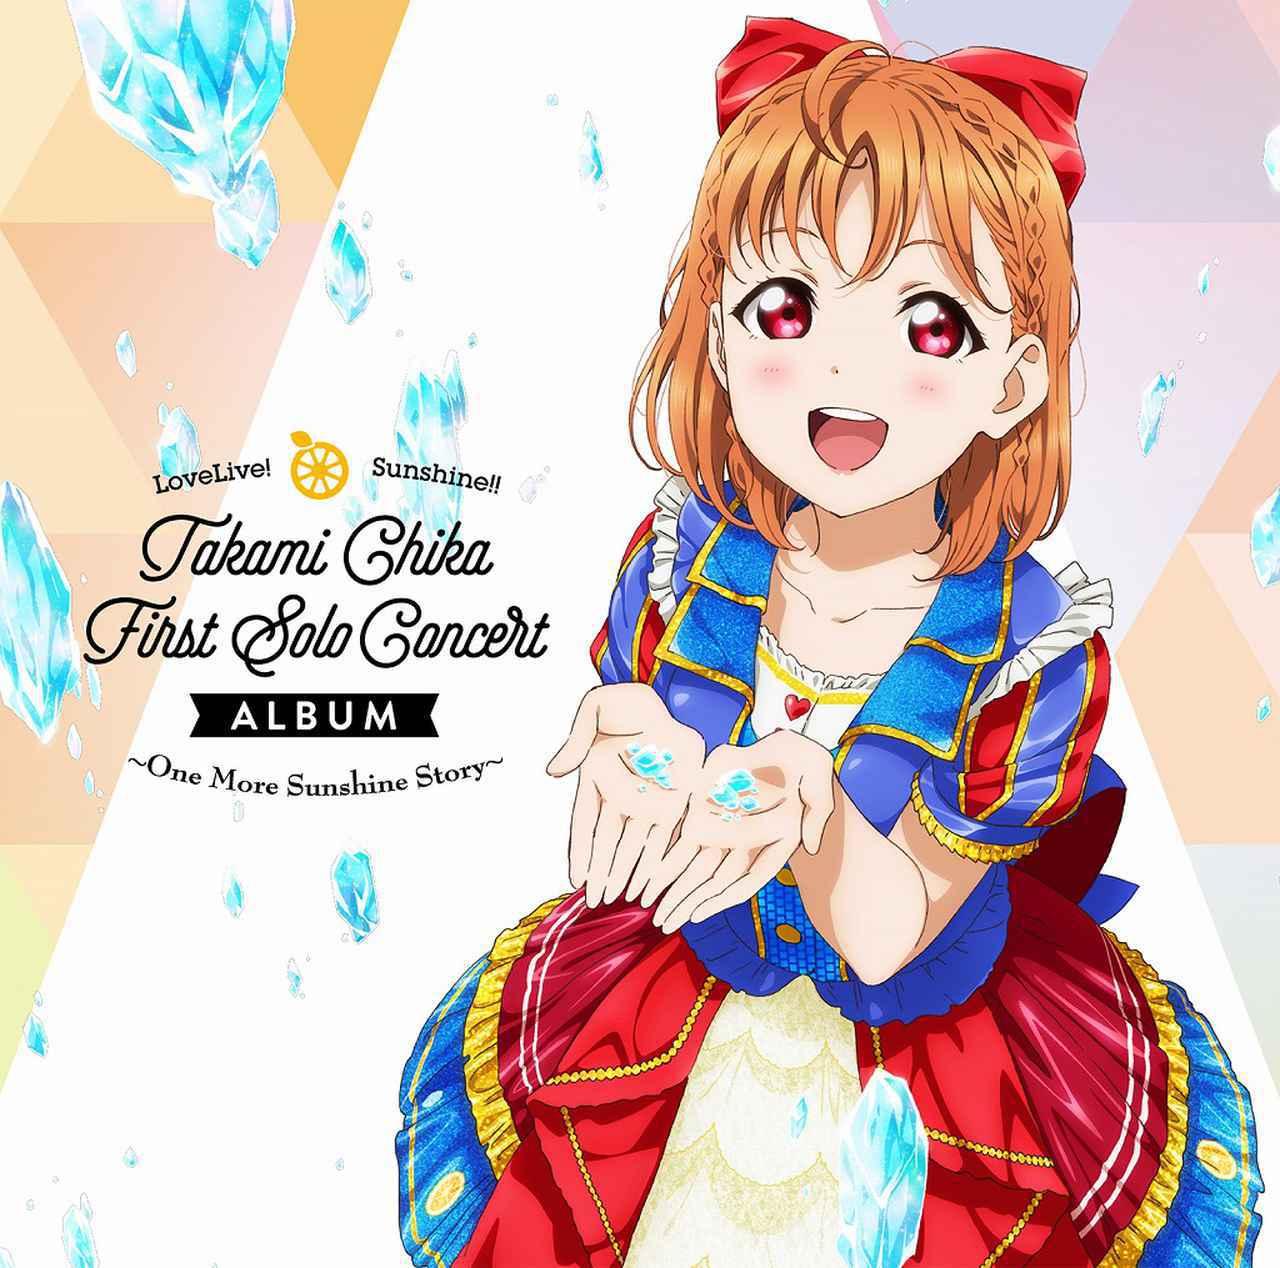 画像: LoveLive! Sunshine!! Takami Chika First Solo Concert Album ~One More Sunshine Story~ [High-Resolution] / 高海千歌 (CV.伊波杏樹) from Aqours